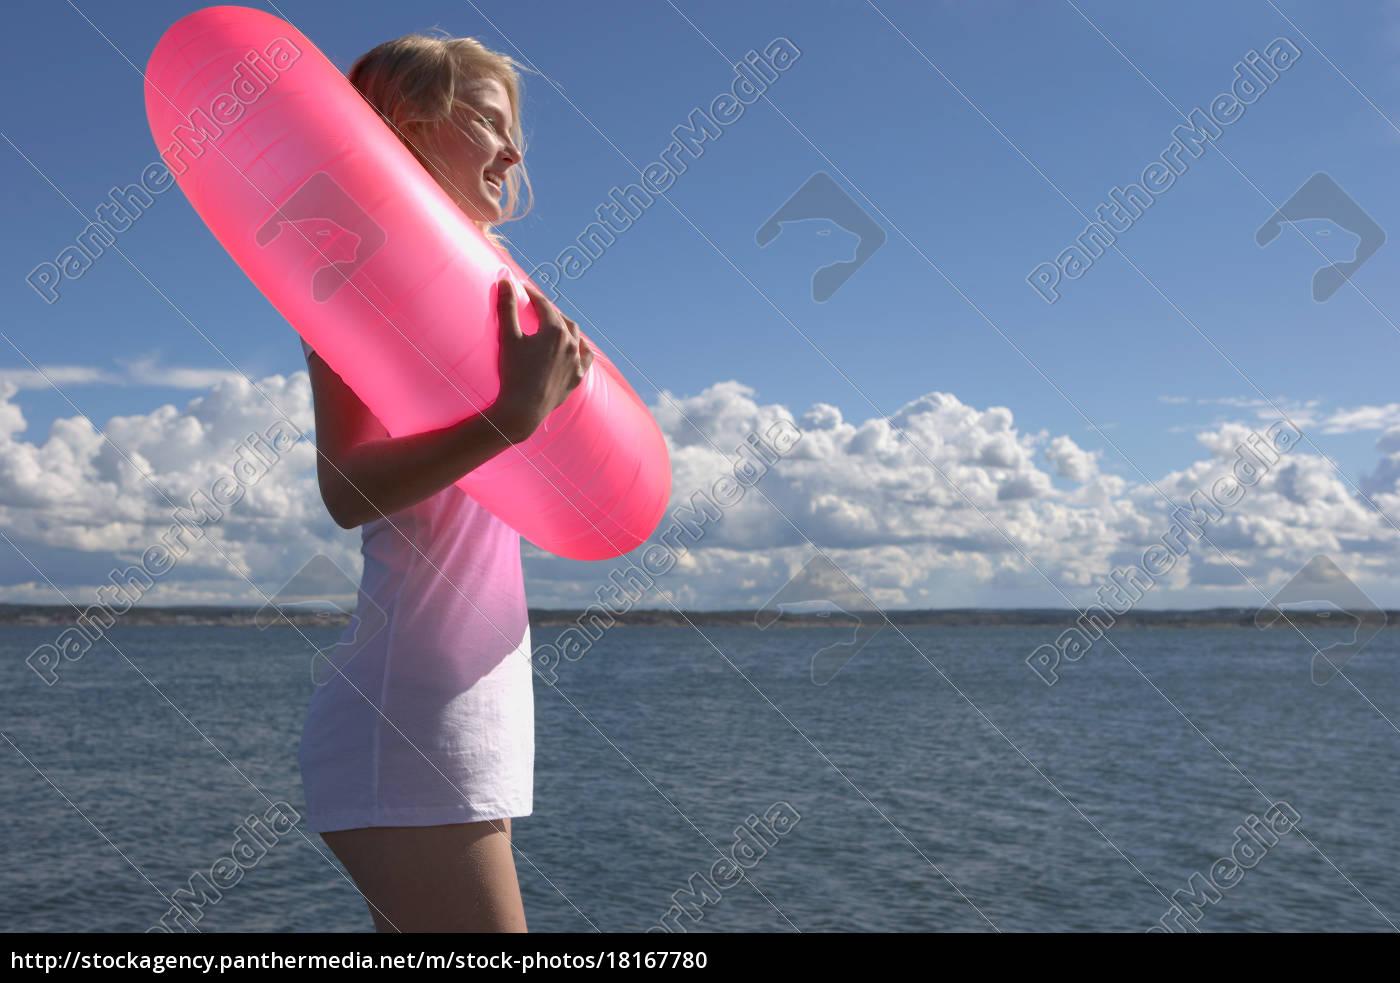 junge, frau, mit, schwimmring - 18167780